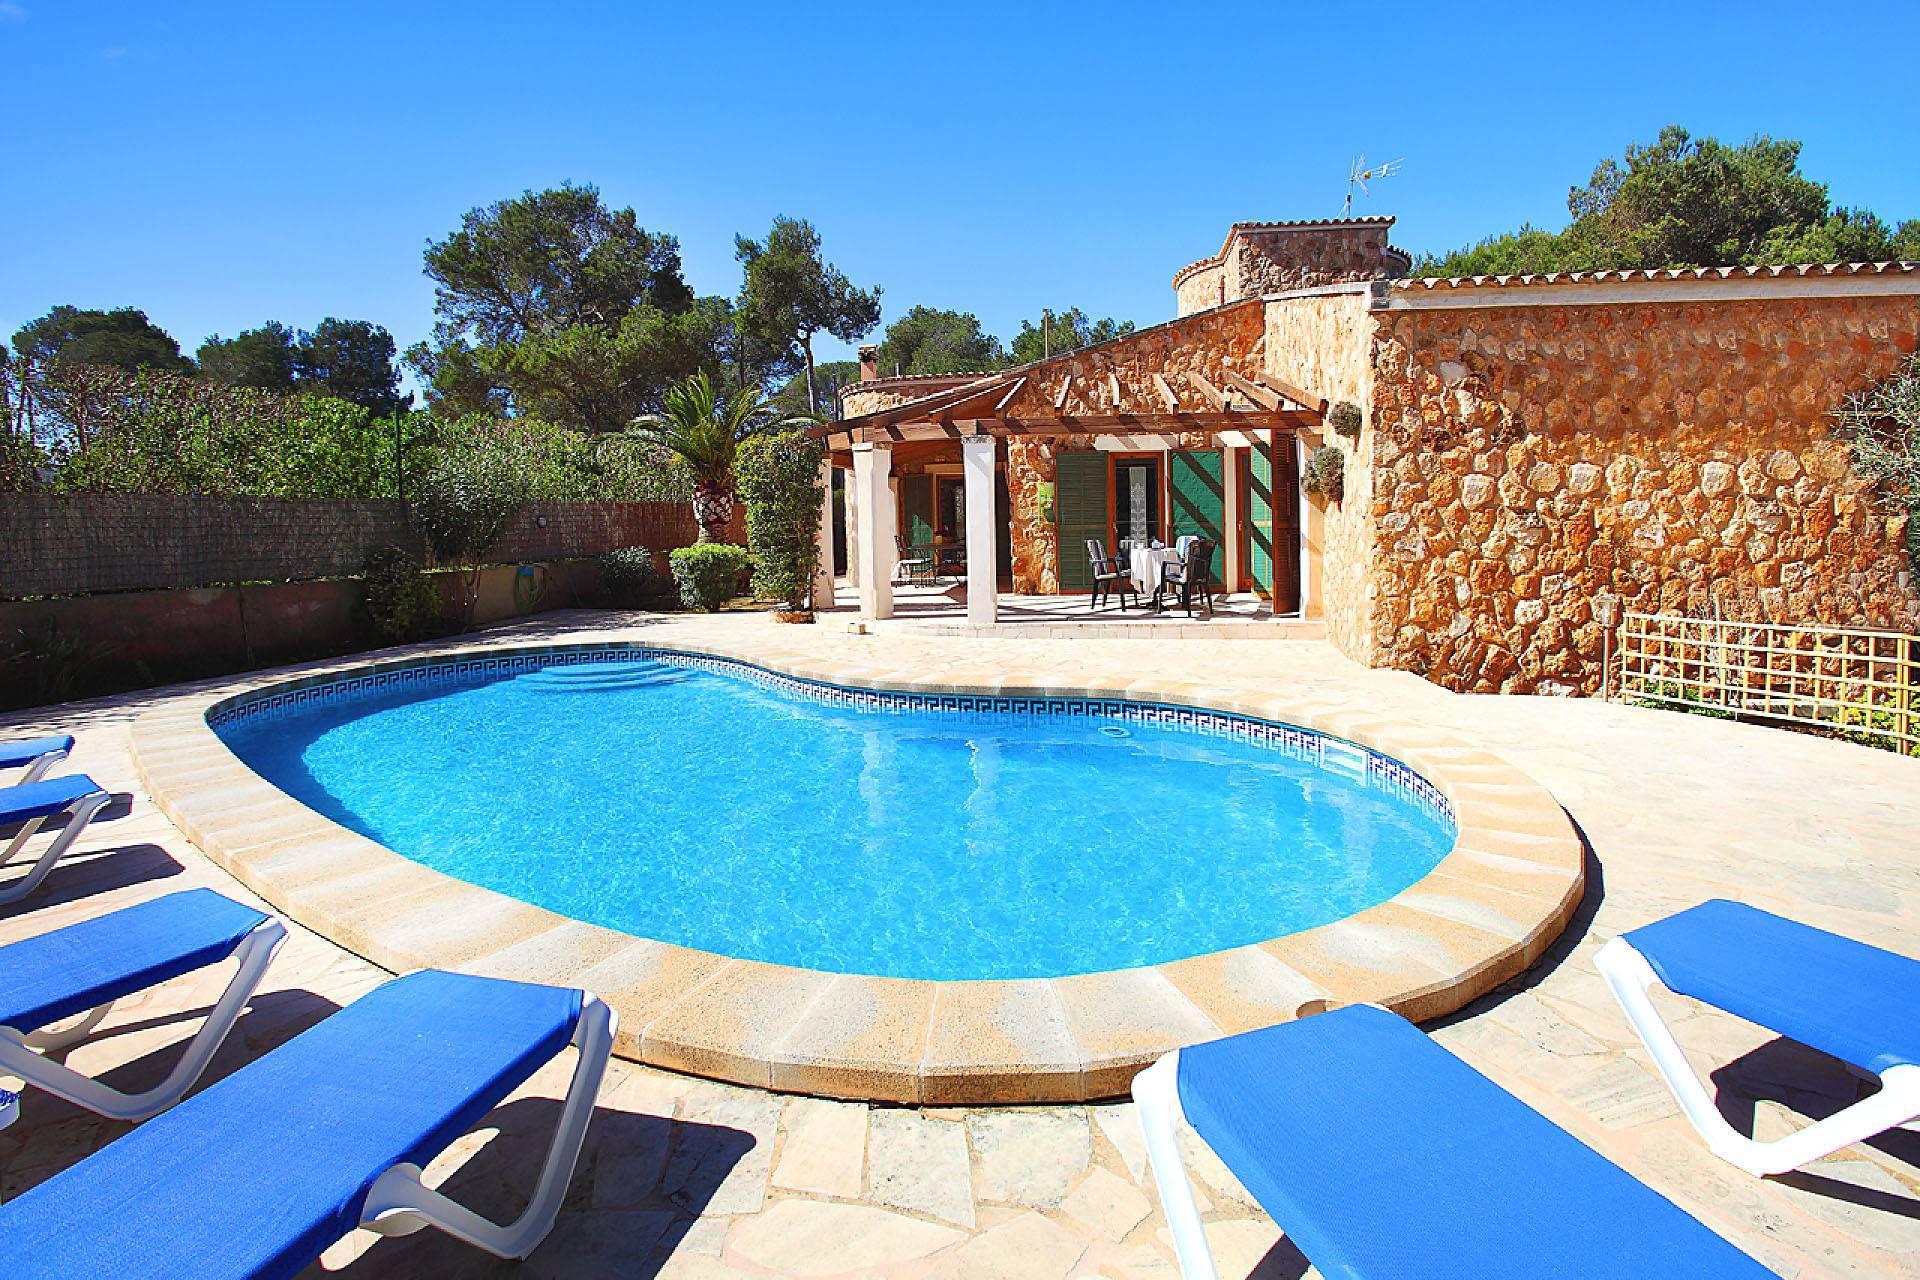 01-174 Gemütliches Ferienhaus Mallorca Süden Bild 8